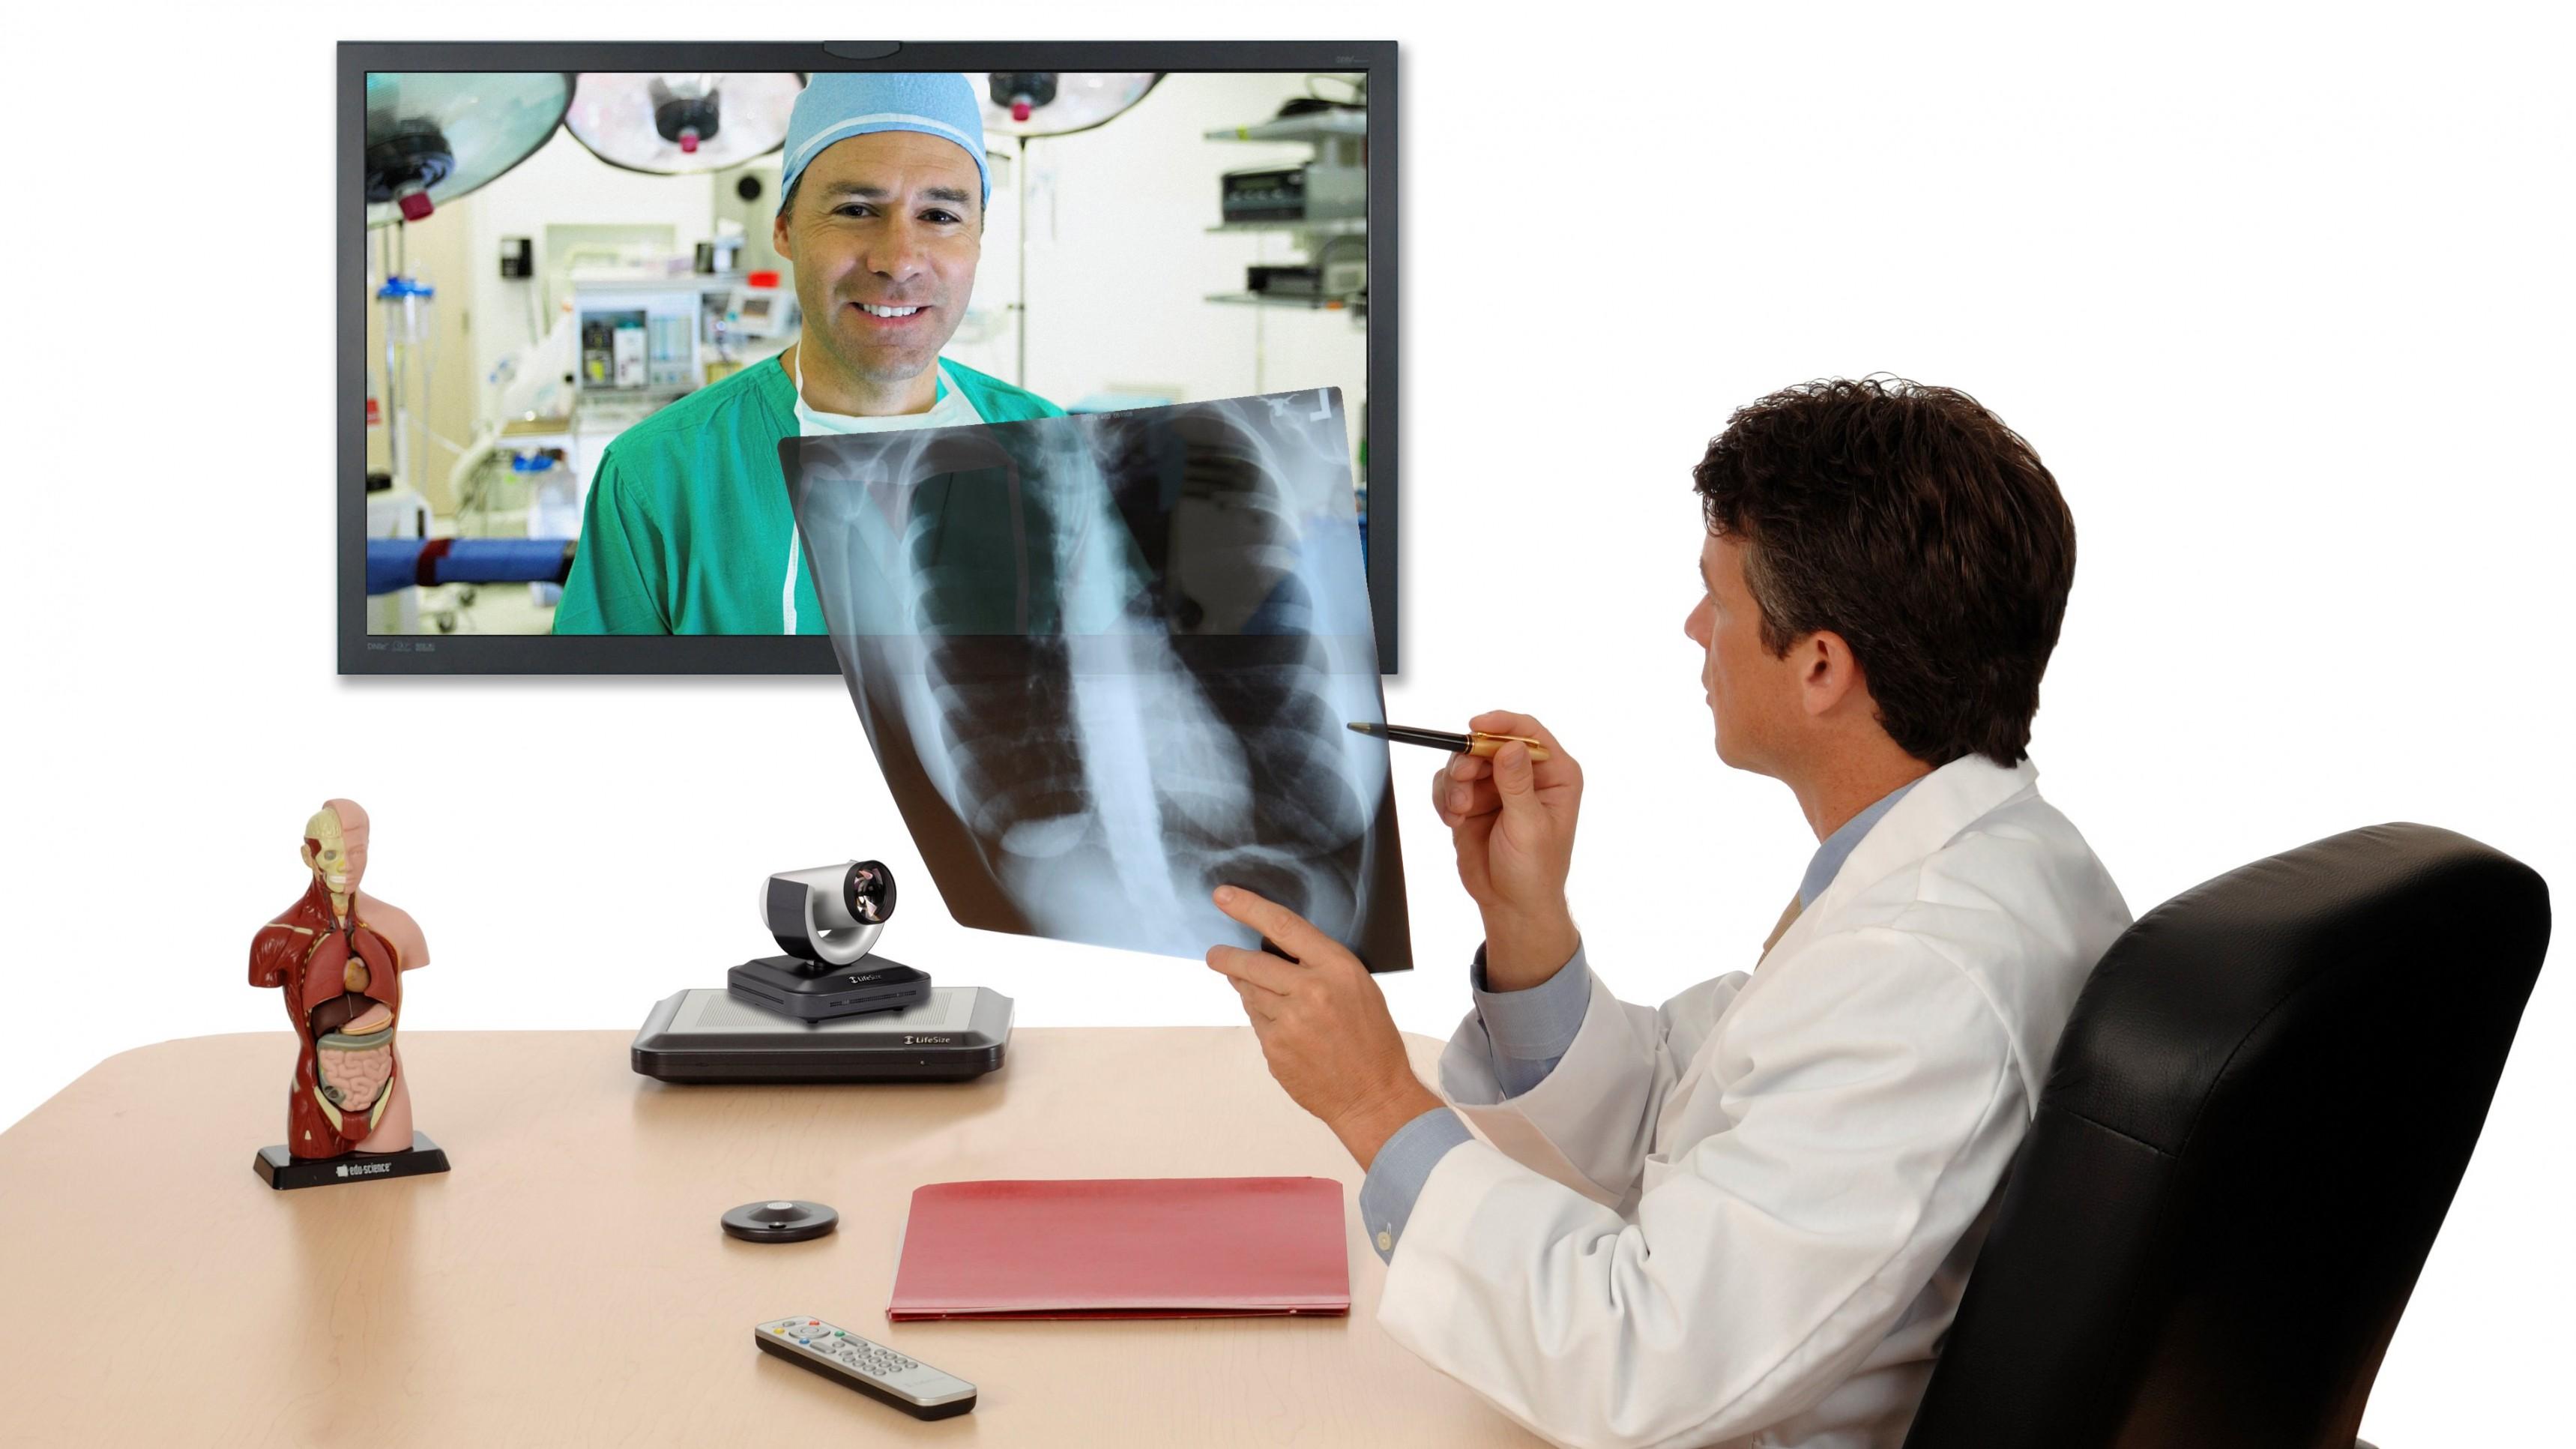 Giải pháp cầu truyền hình HD cho ngành Y tế